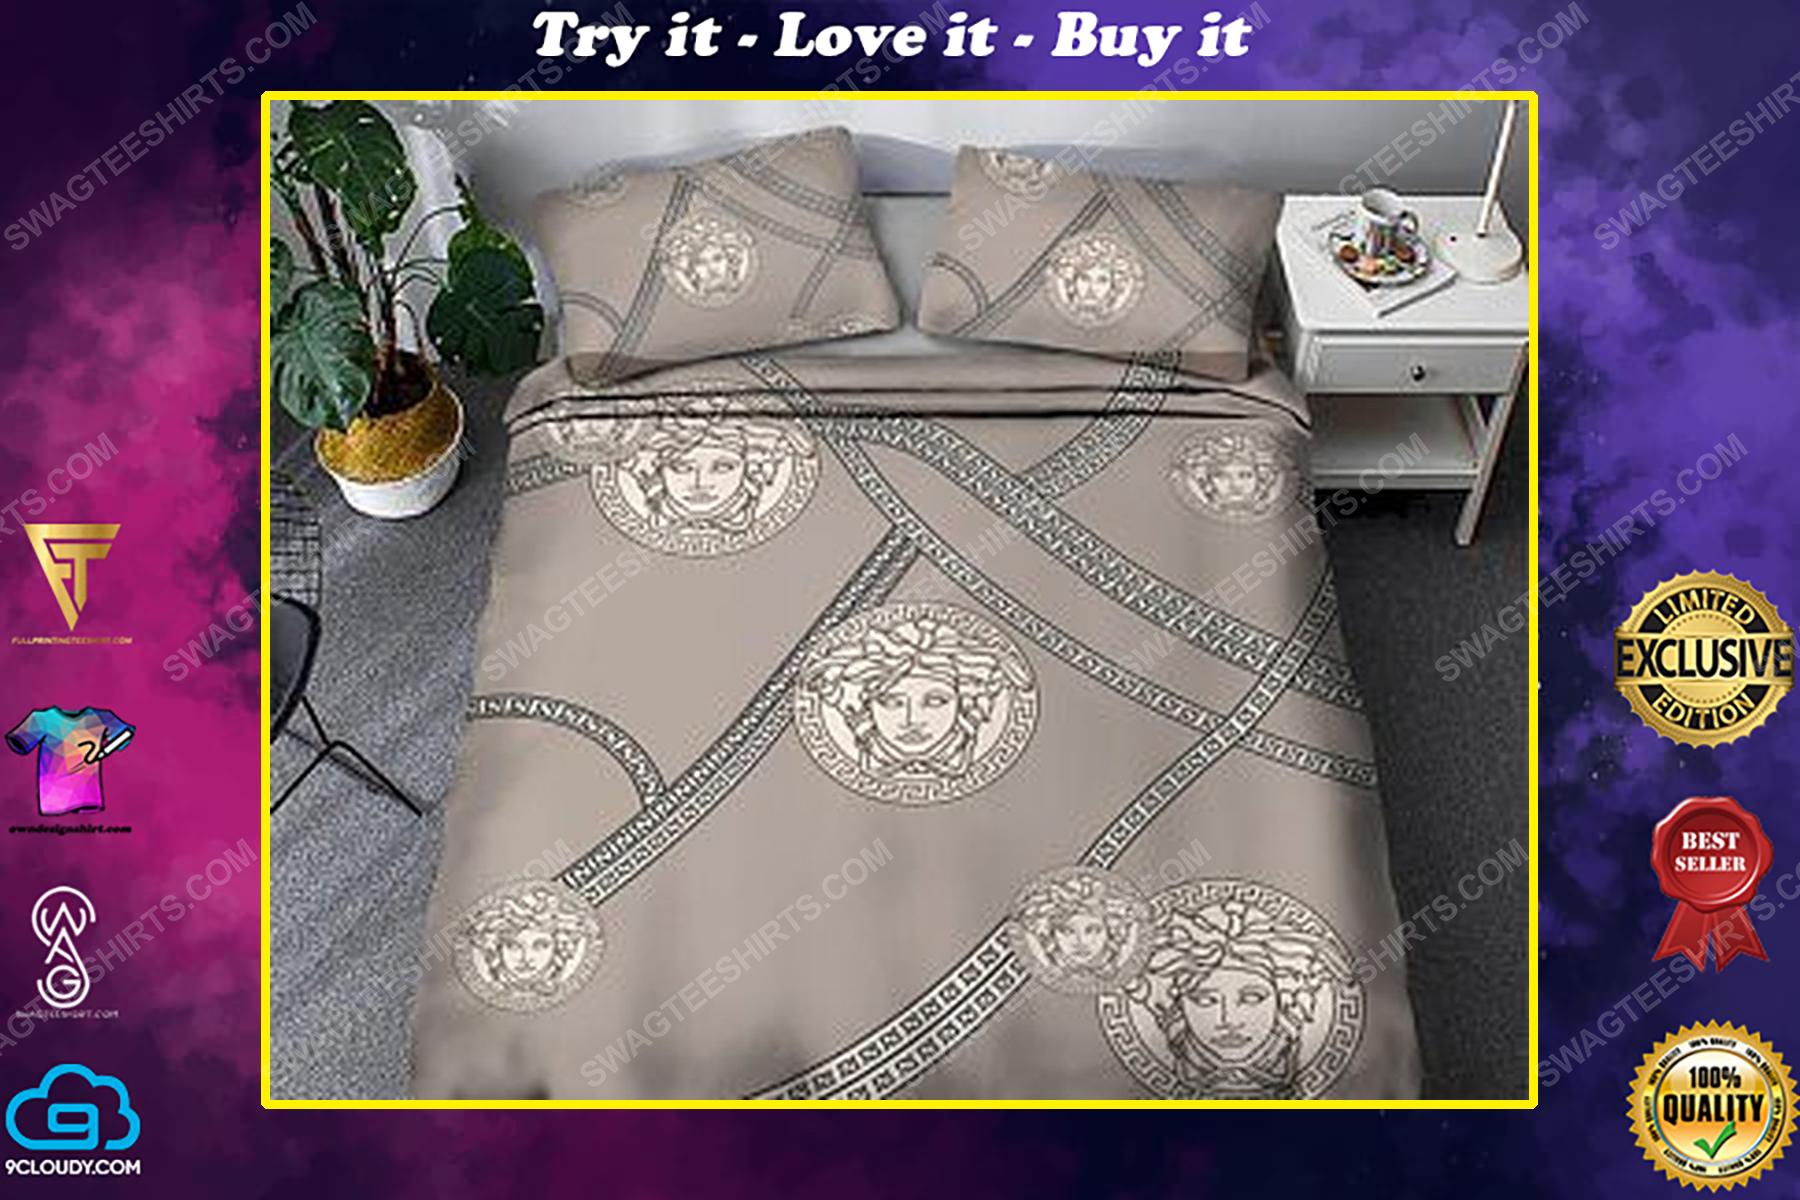 Versace luxury version full print duvet cover bedding set